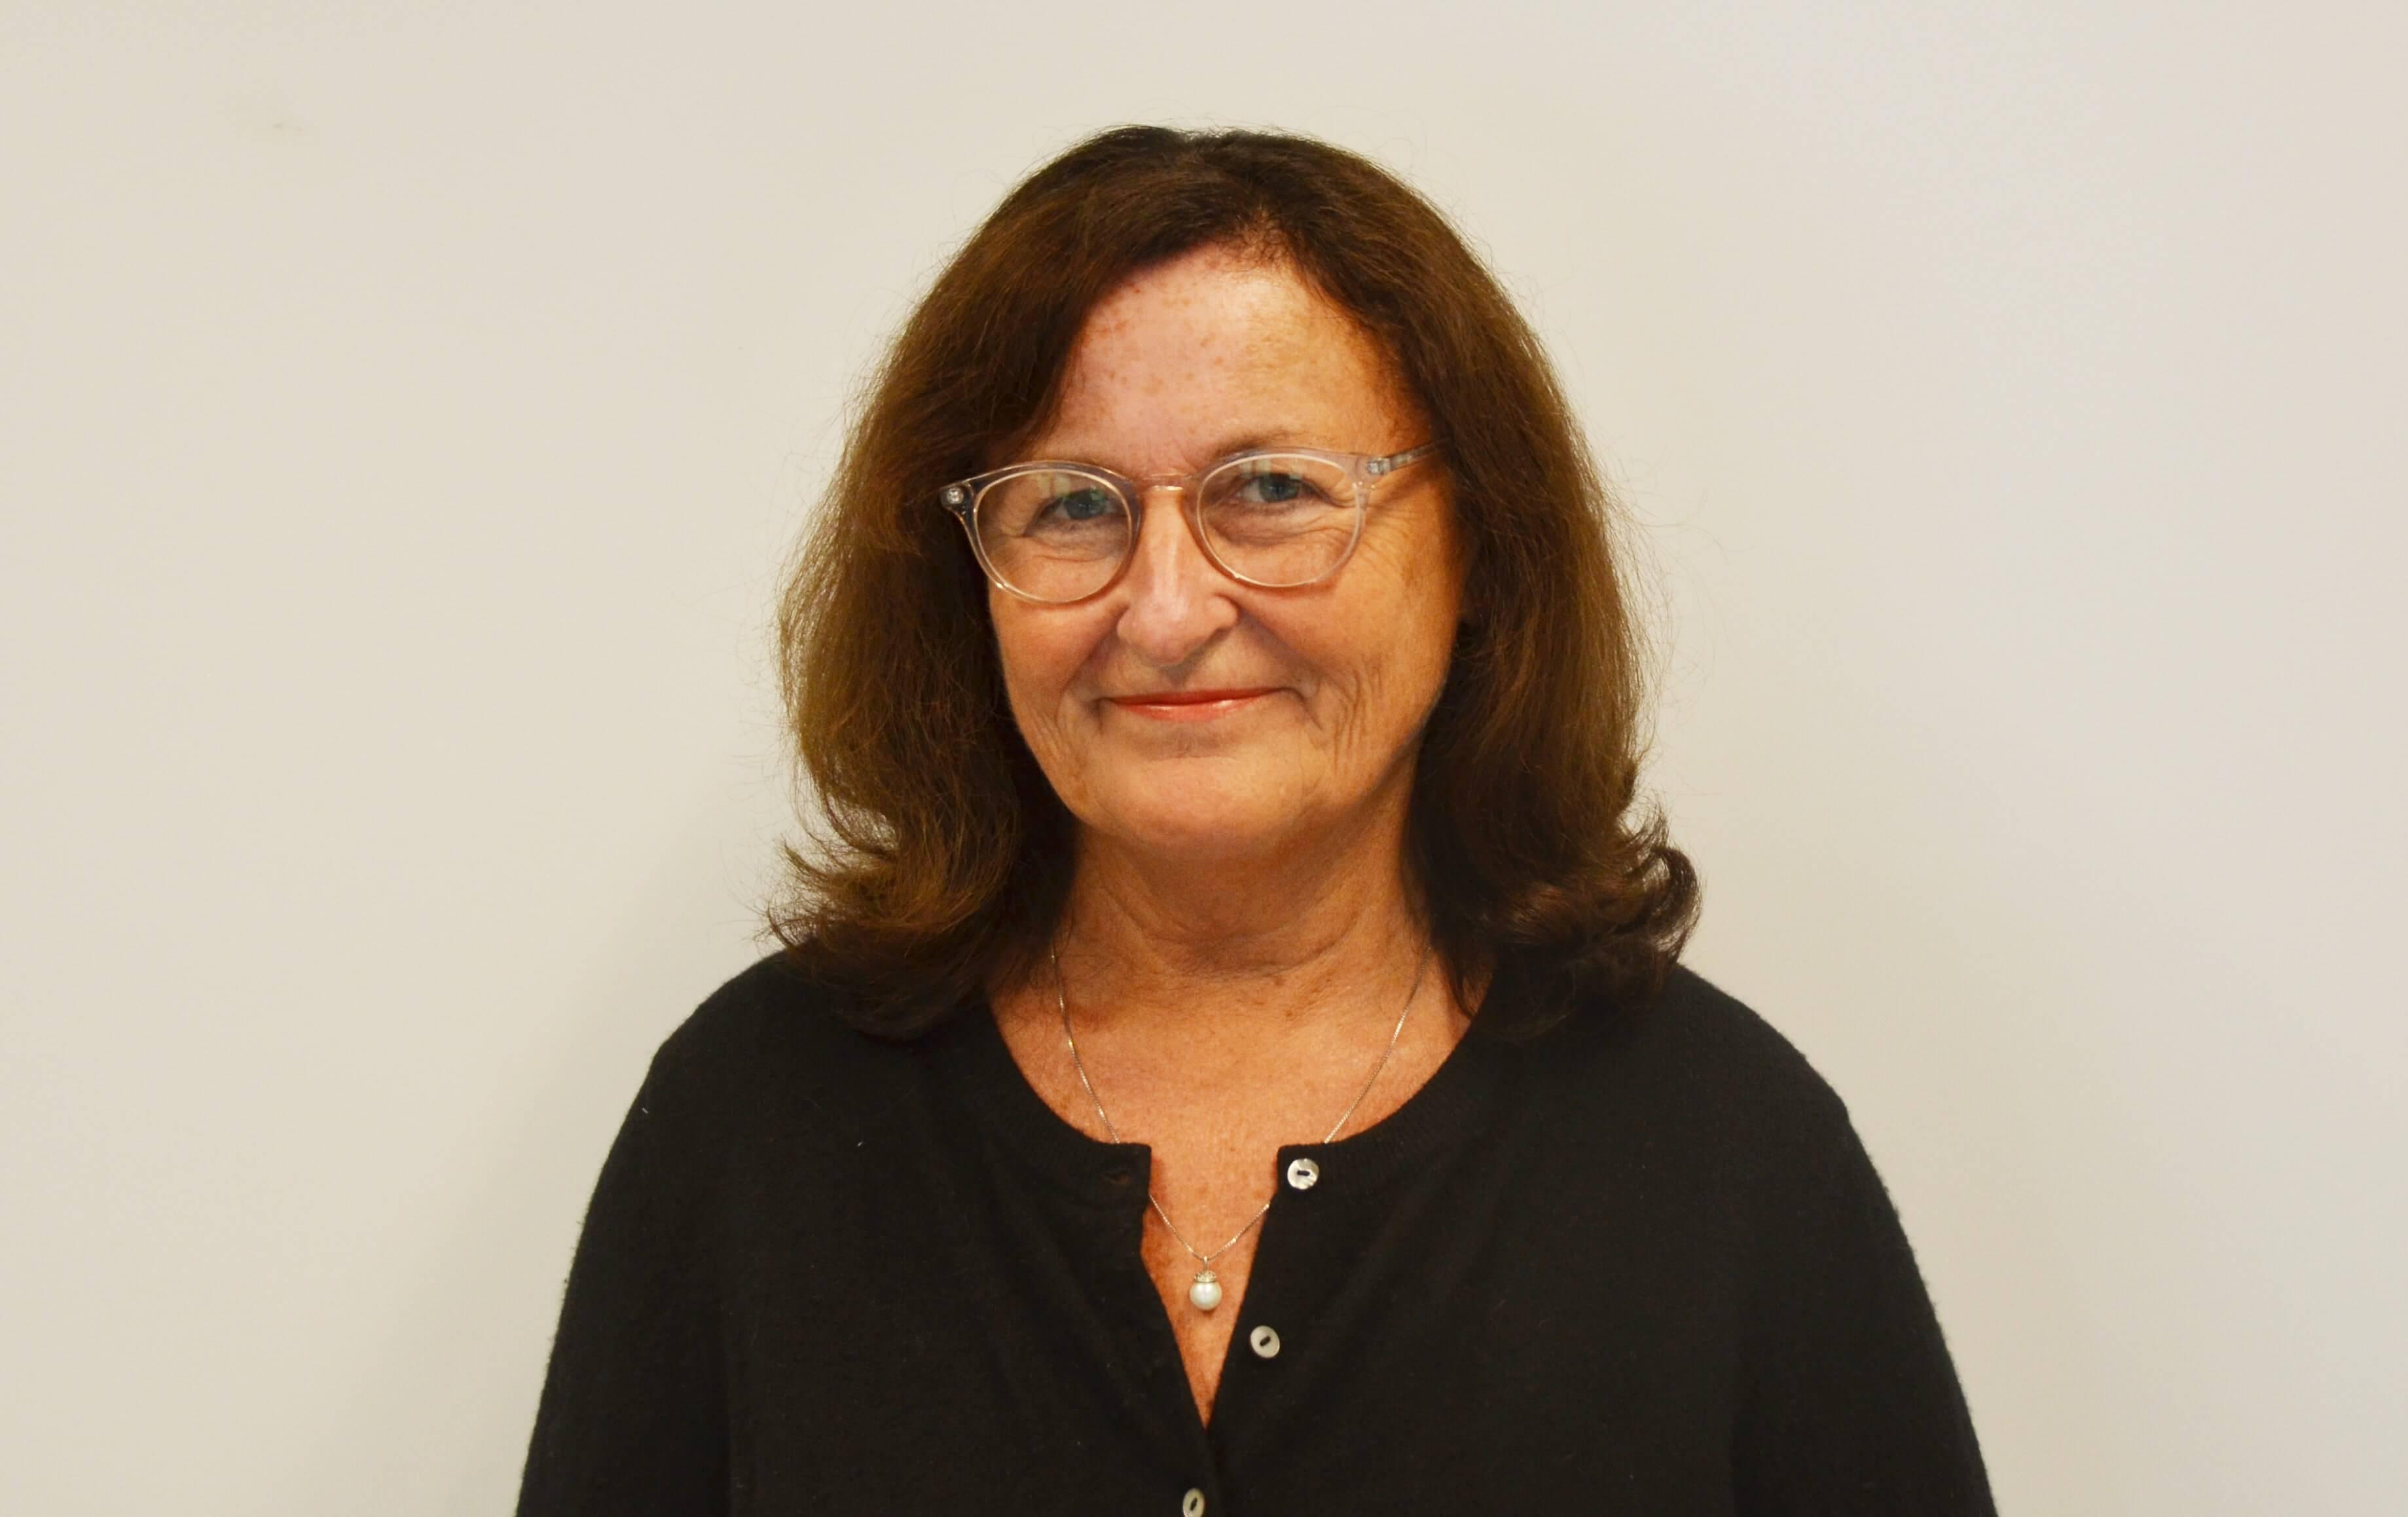 Kari Haugen